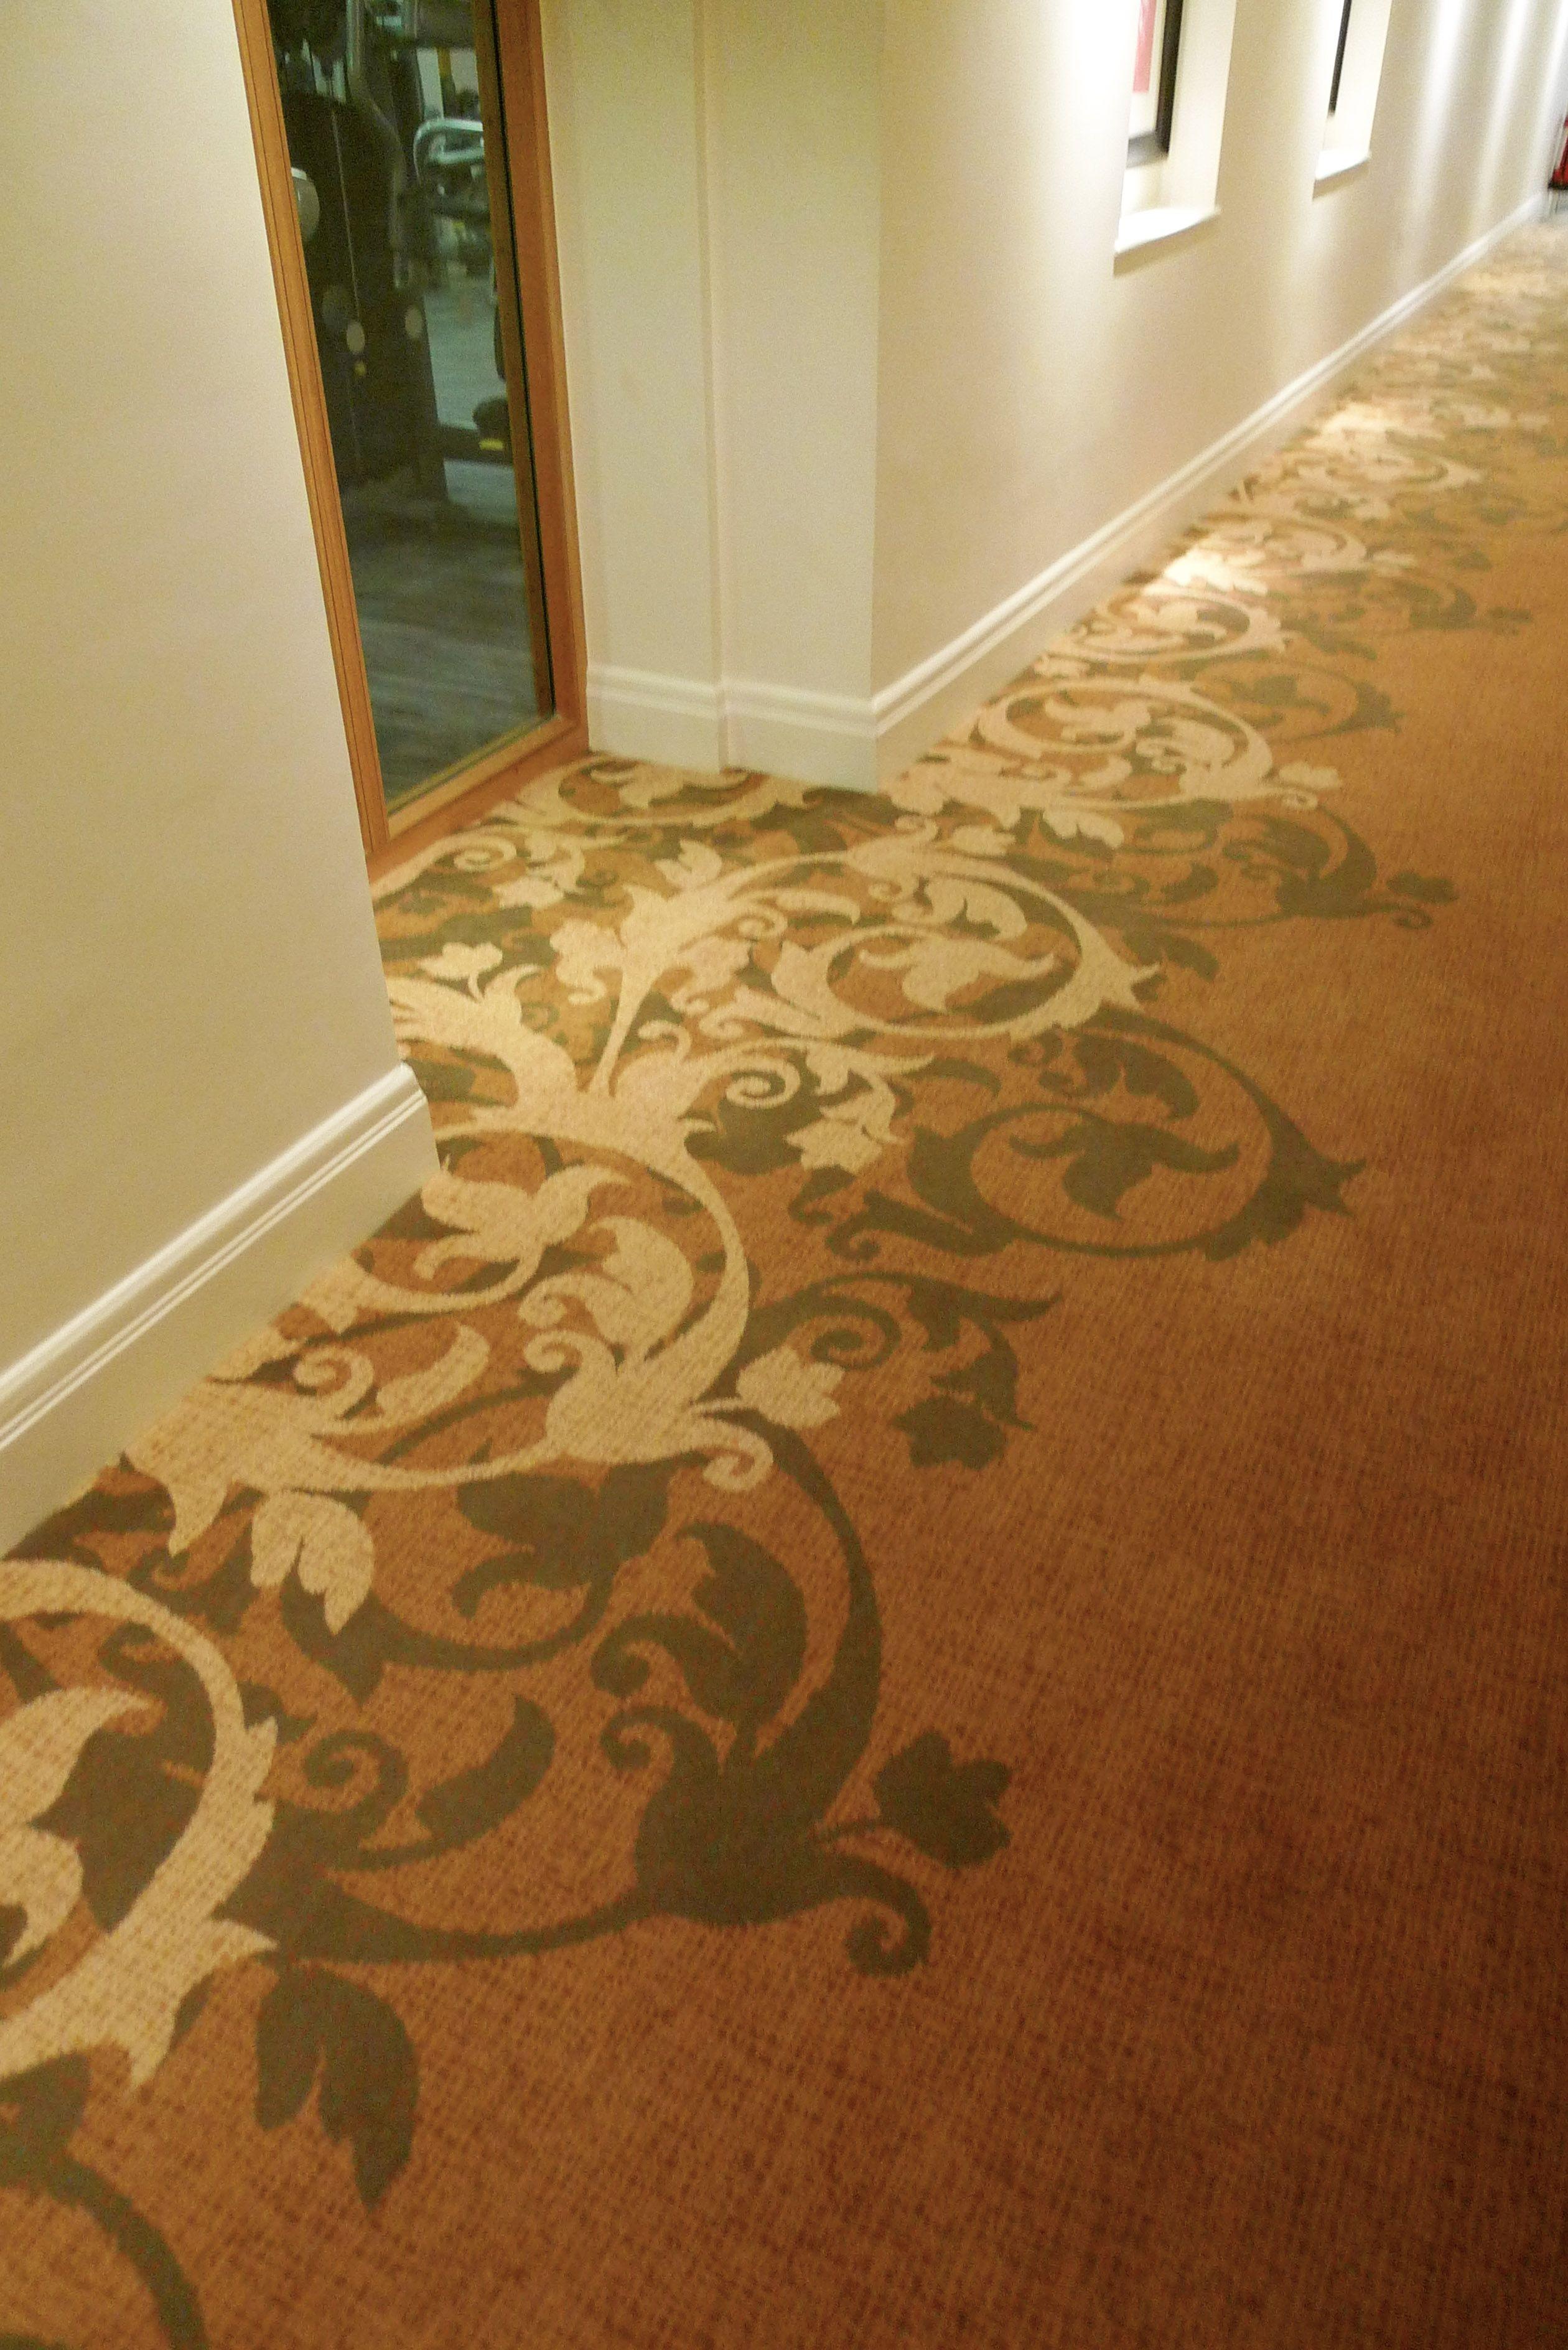 Axminster Carpet Bespoke Carpet Champneys Tring Spa Design